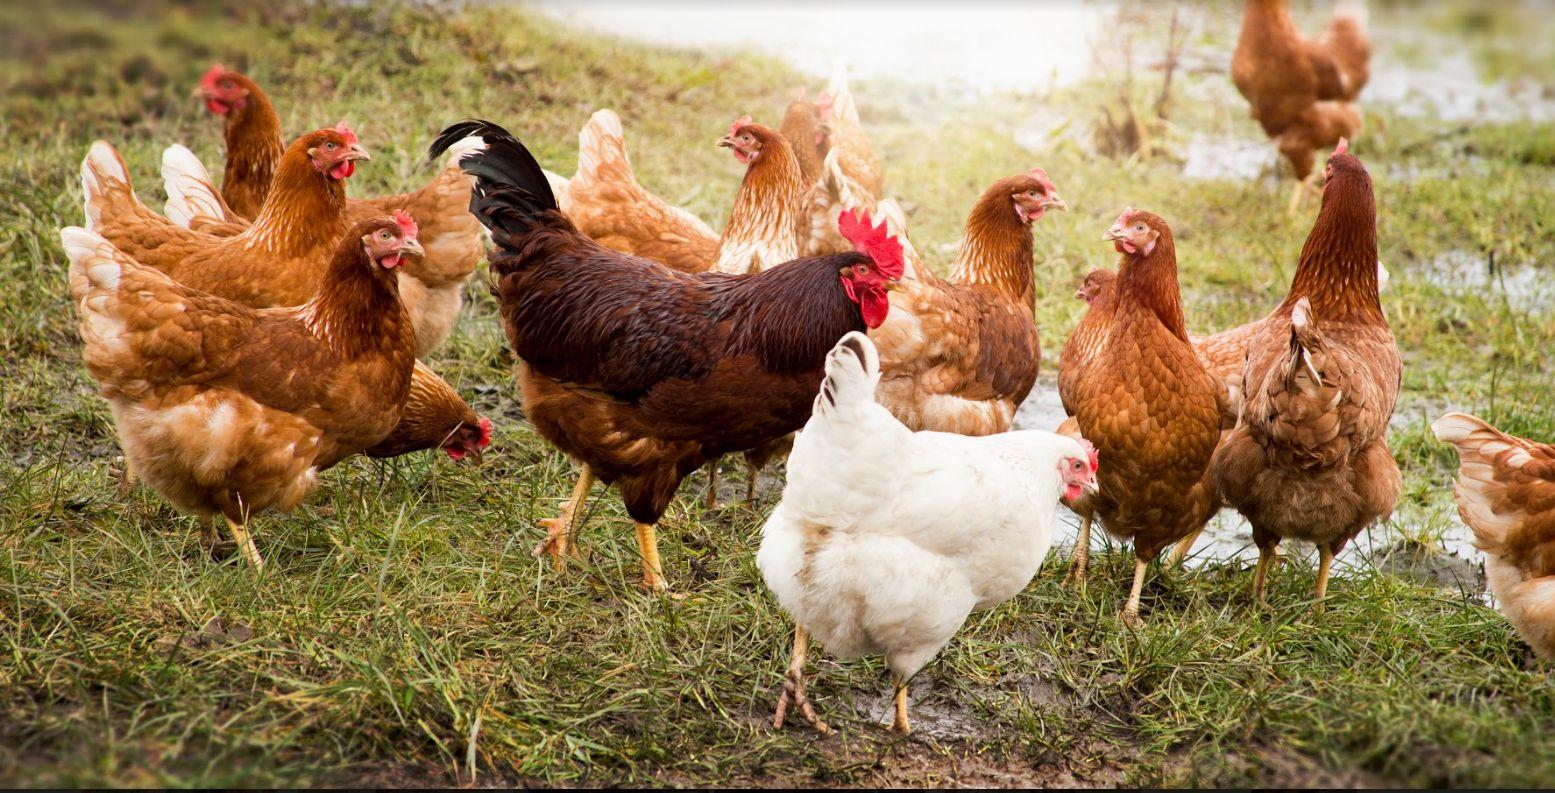 Venta de pollos al por mayor Almería